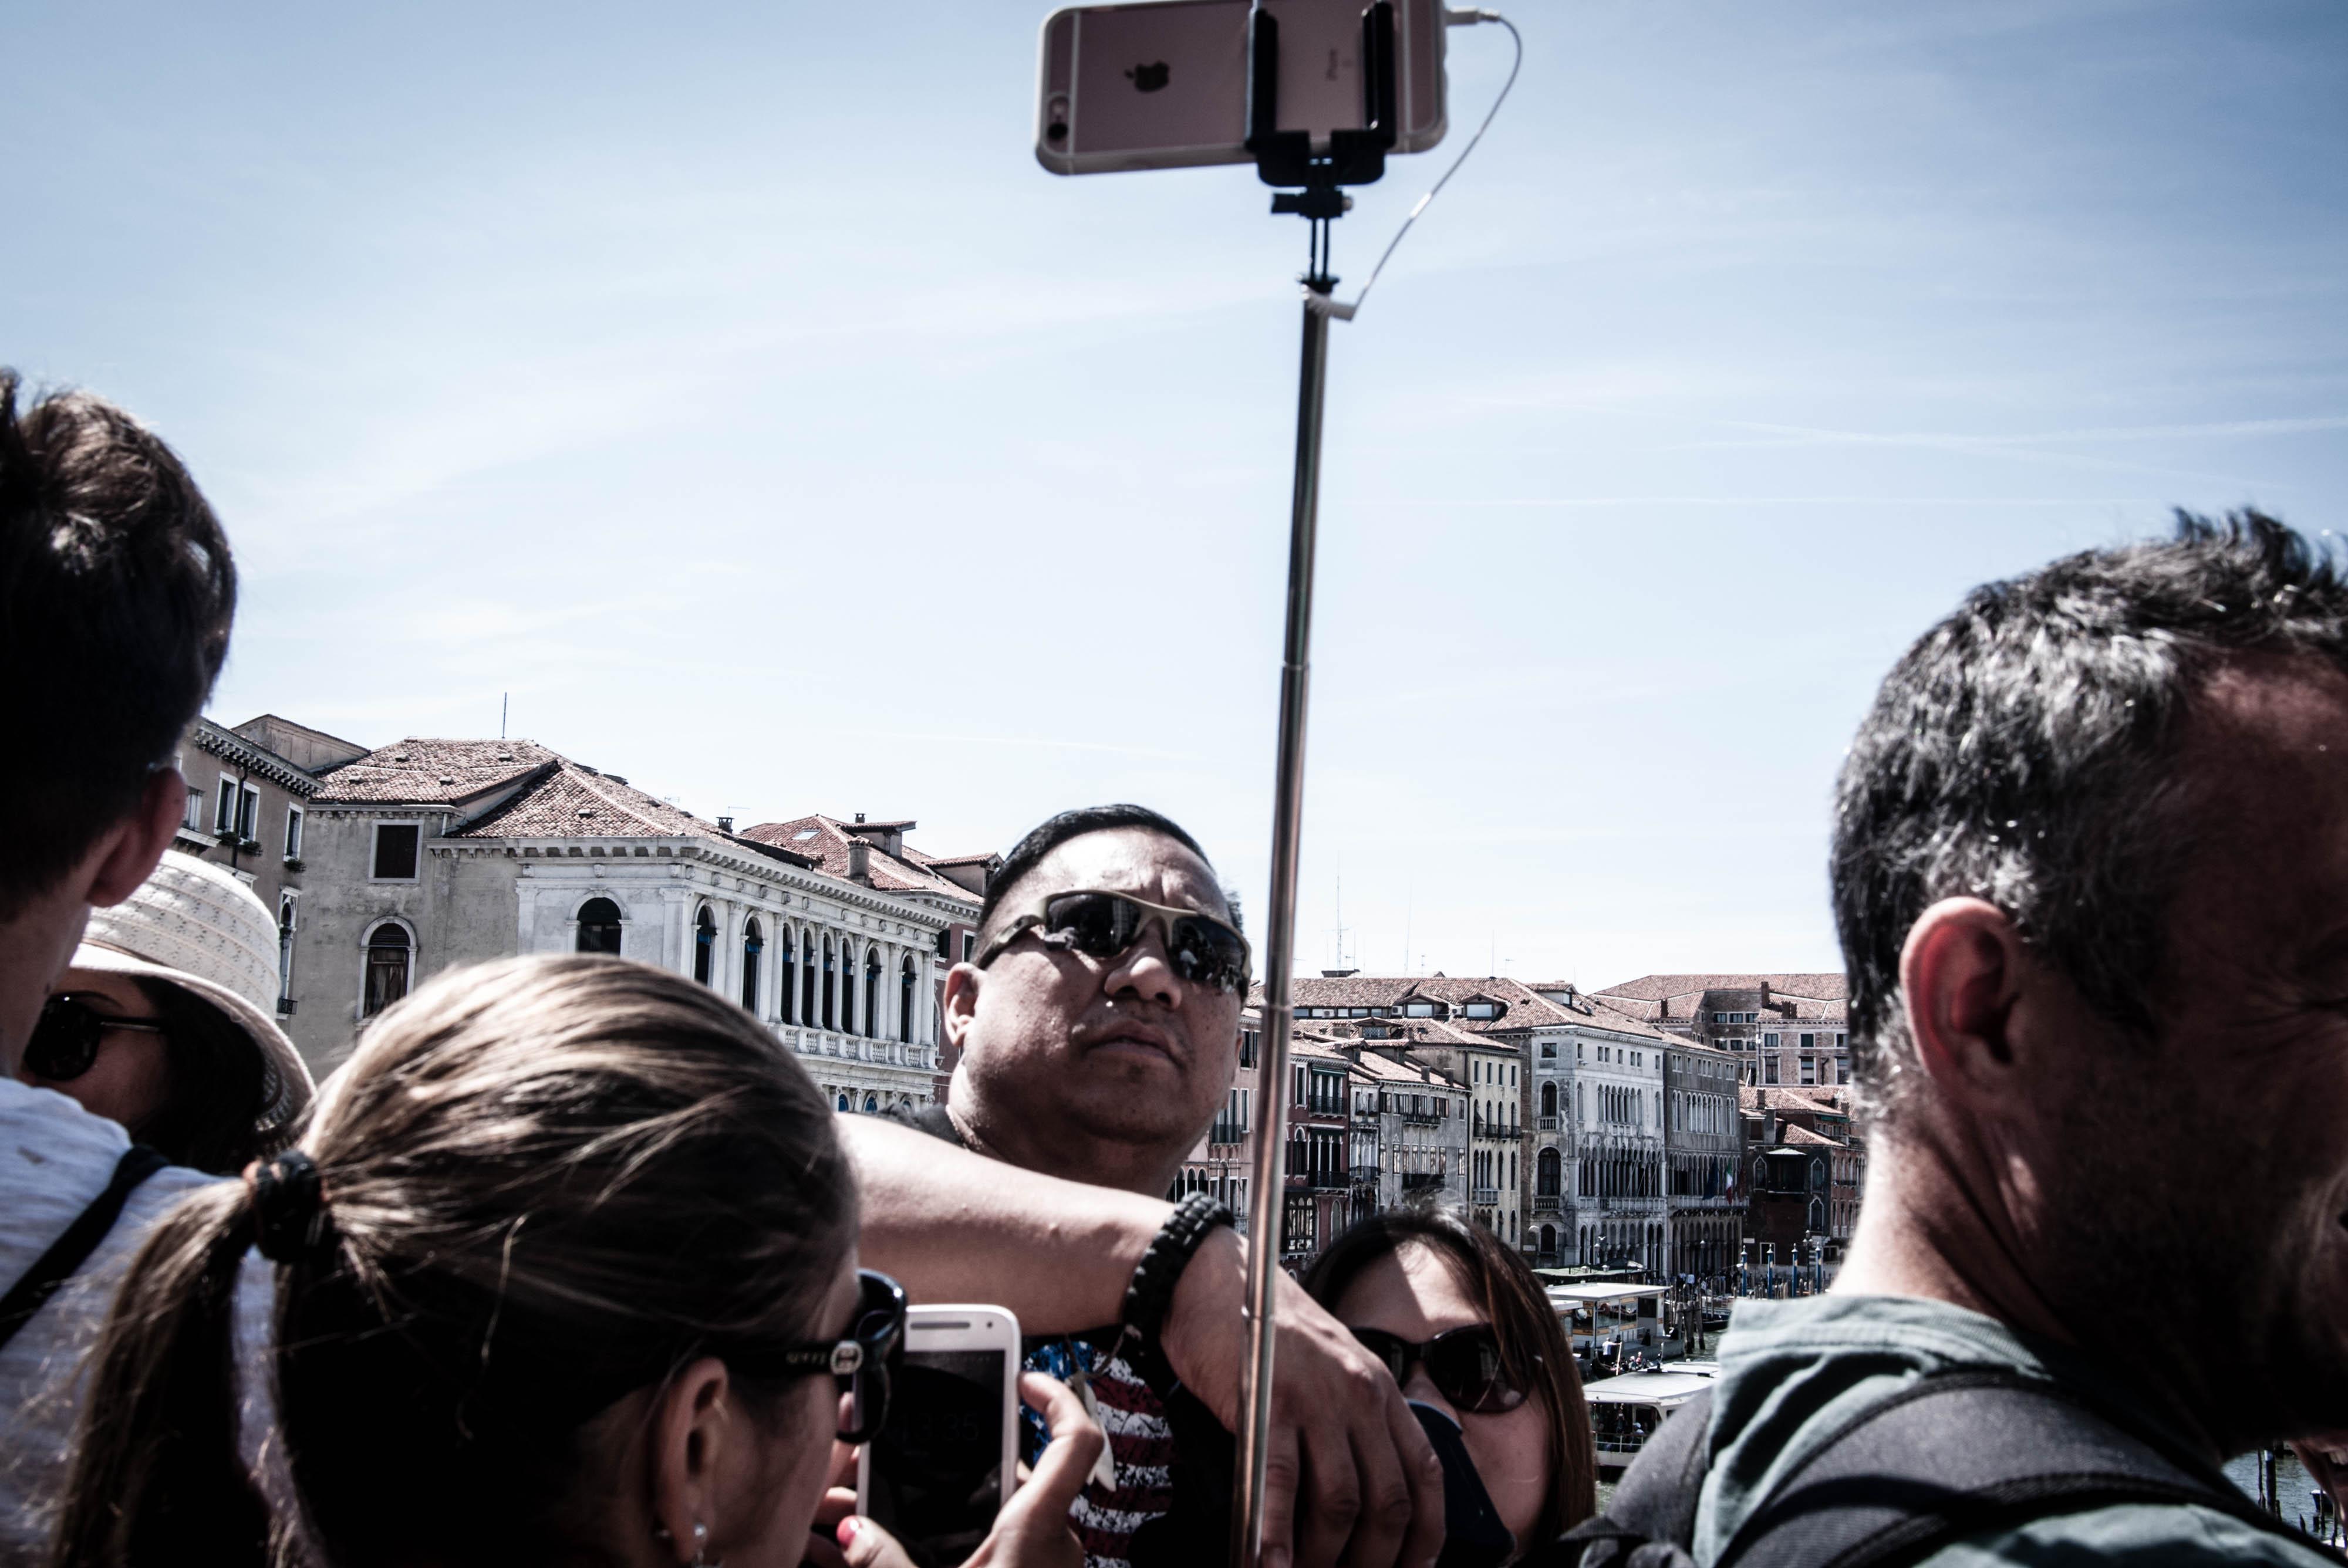 Selfies #4